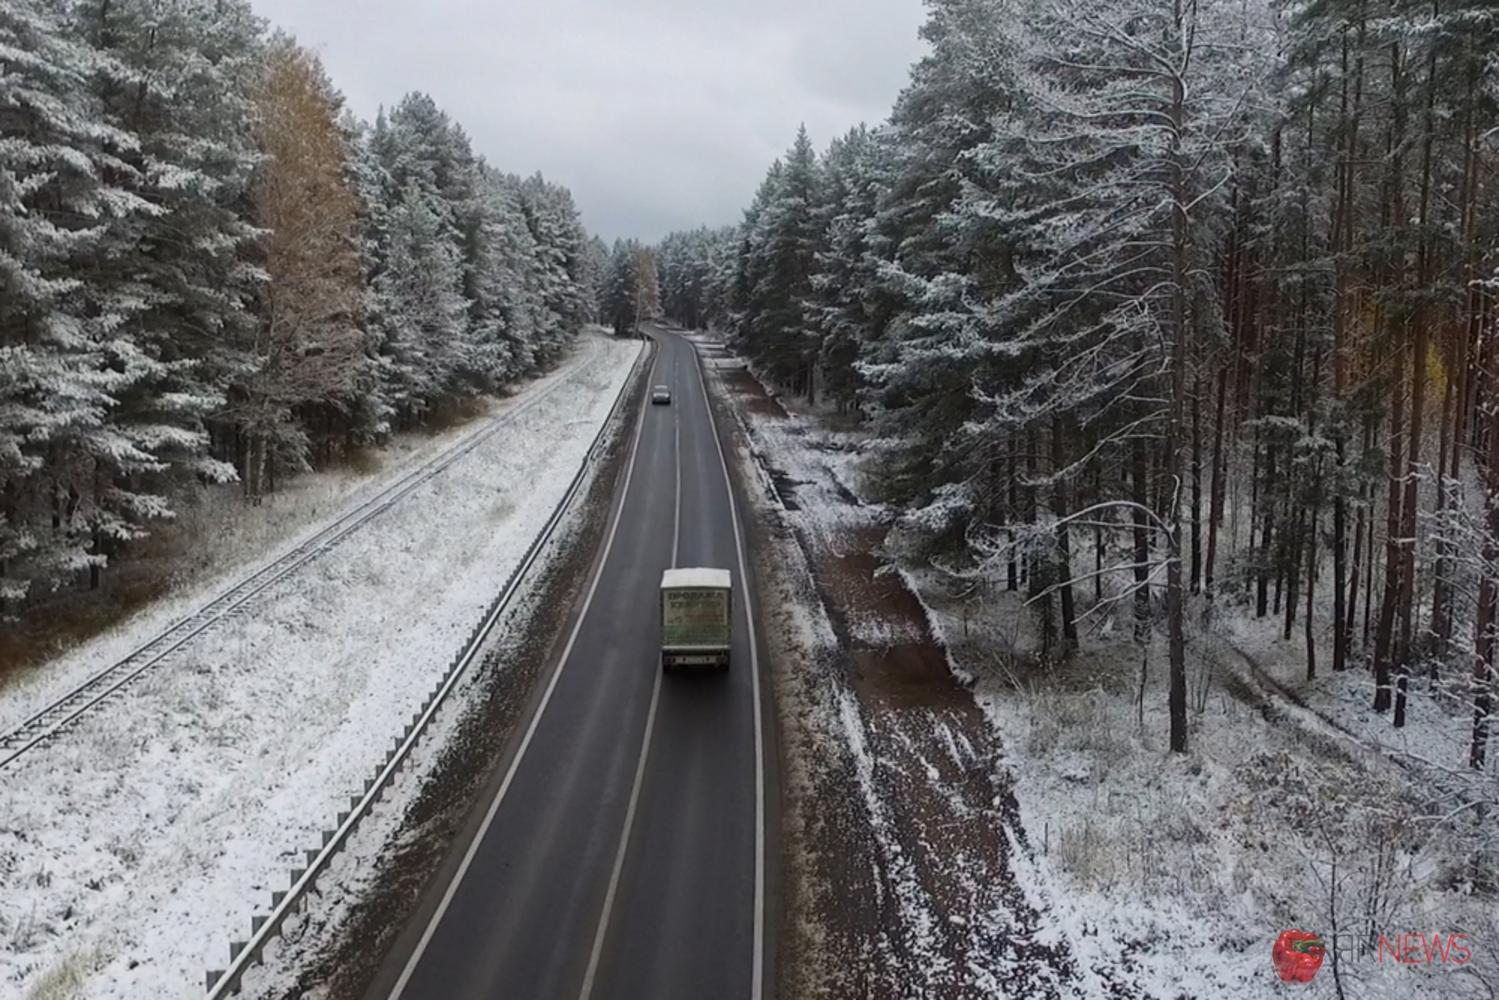 Необычайный асфальт от«Роснано»: дороги Ярославской области сделают изинновационной смеси